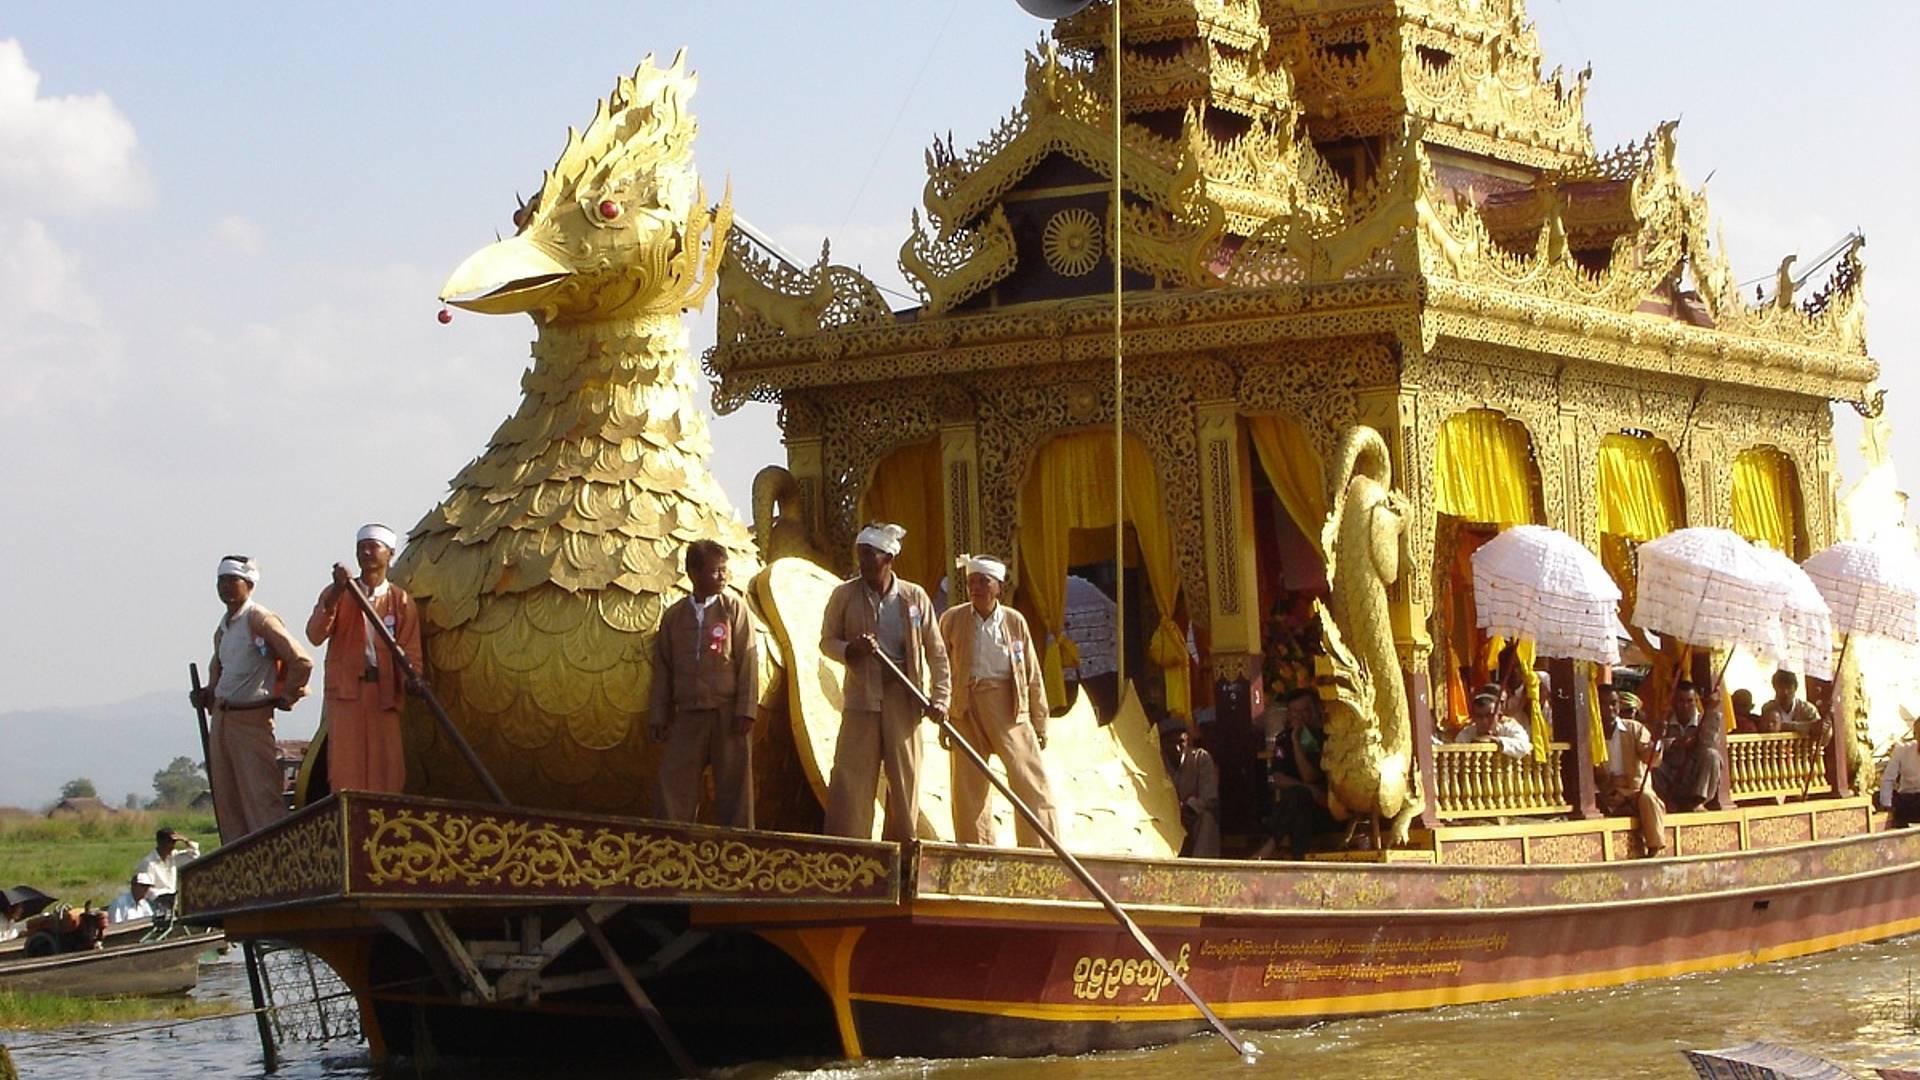 L'incroyable Festival de la pagode Phaung DawOo sur le lac Inle